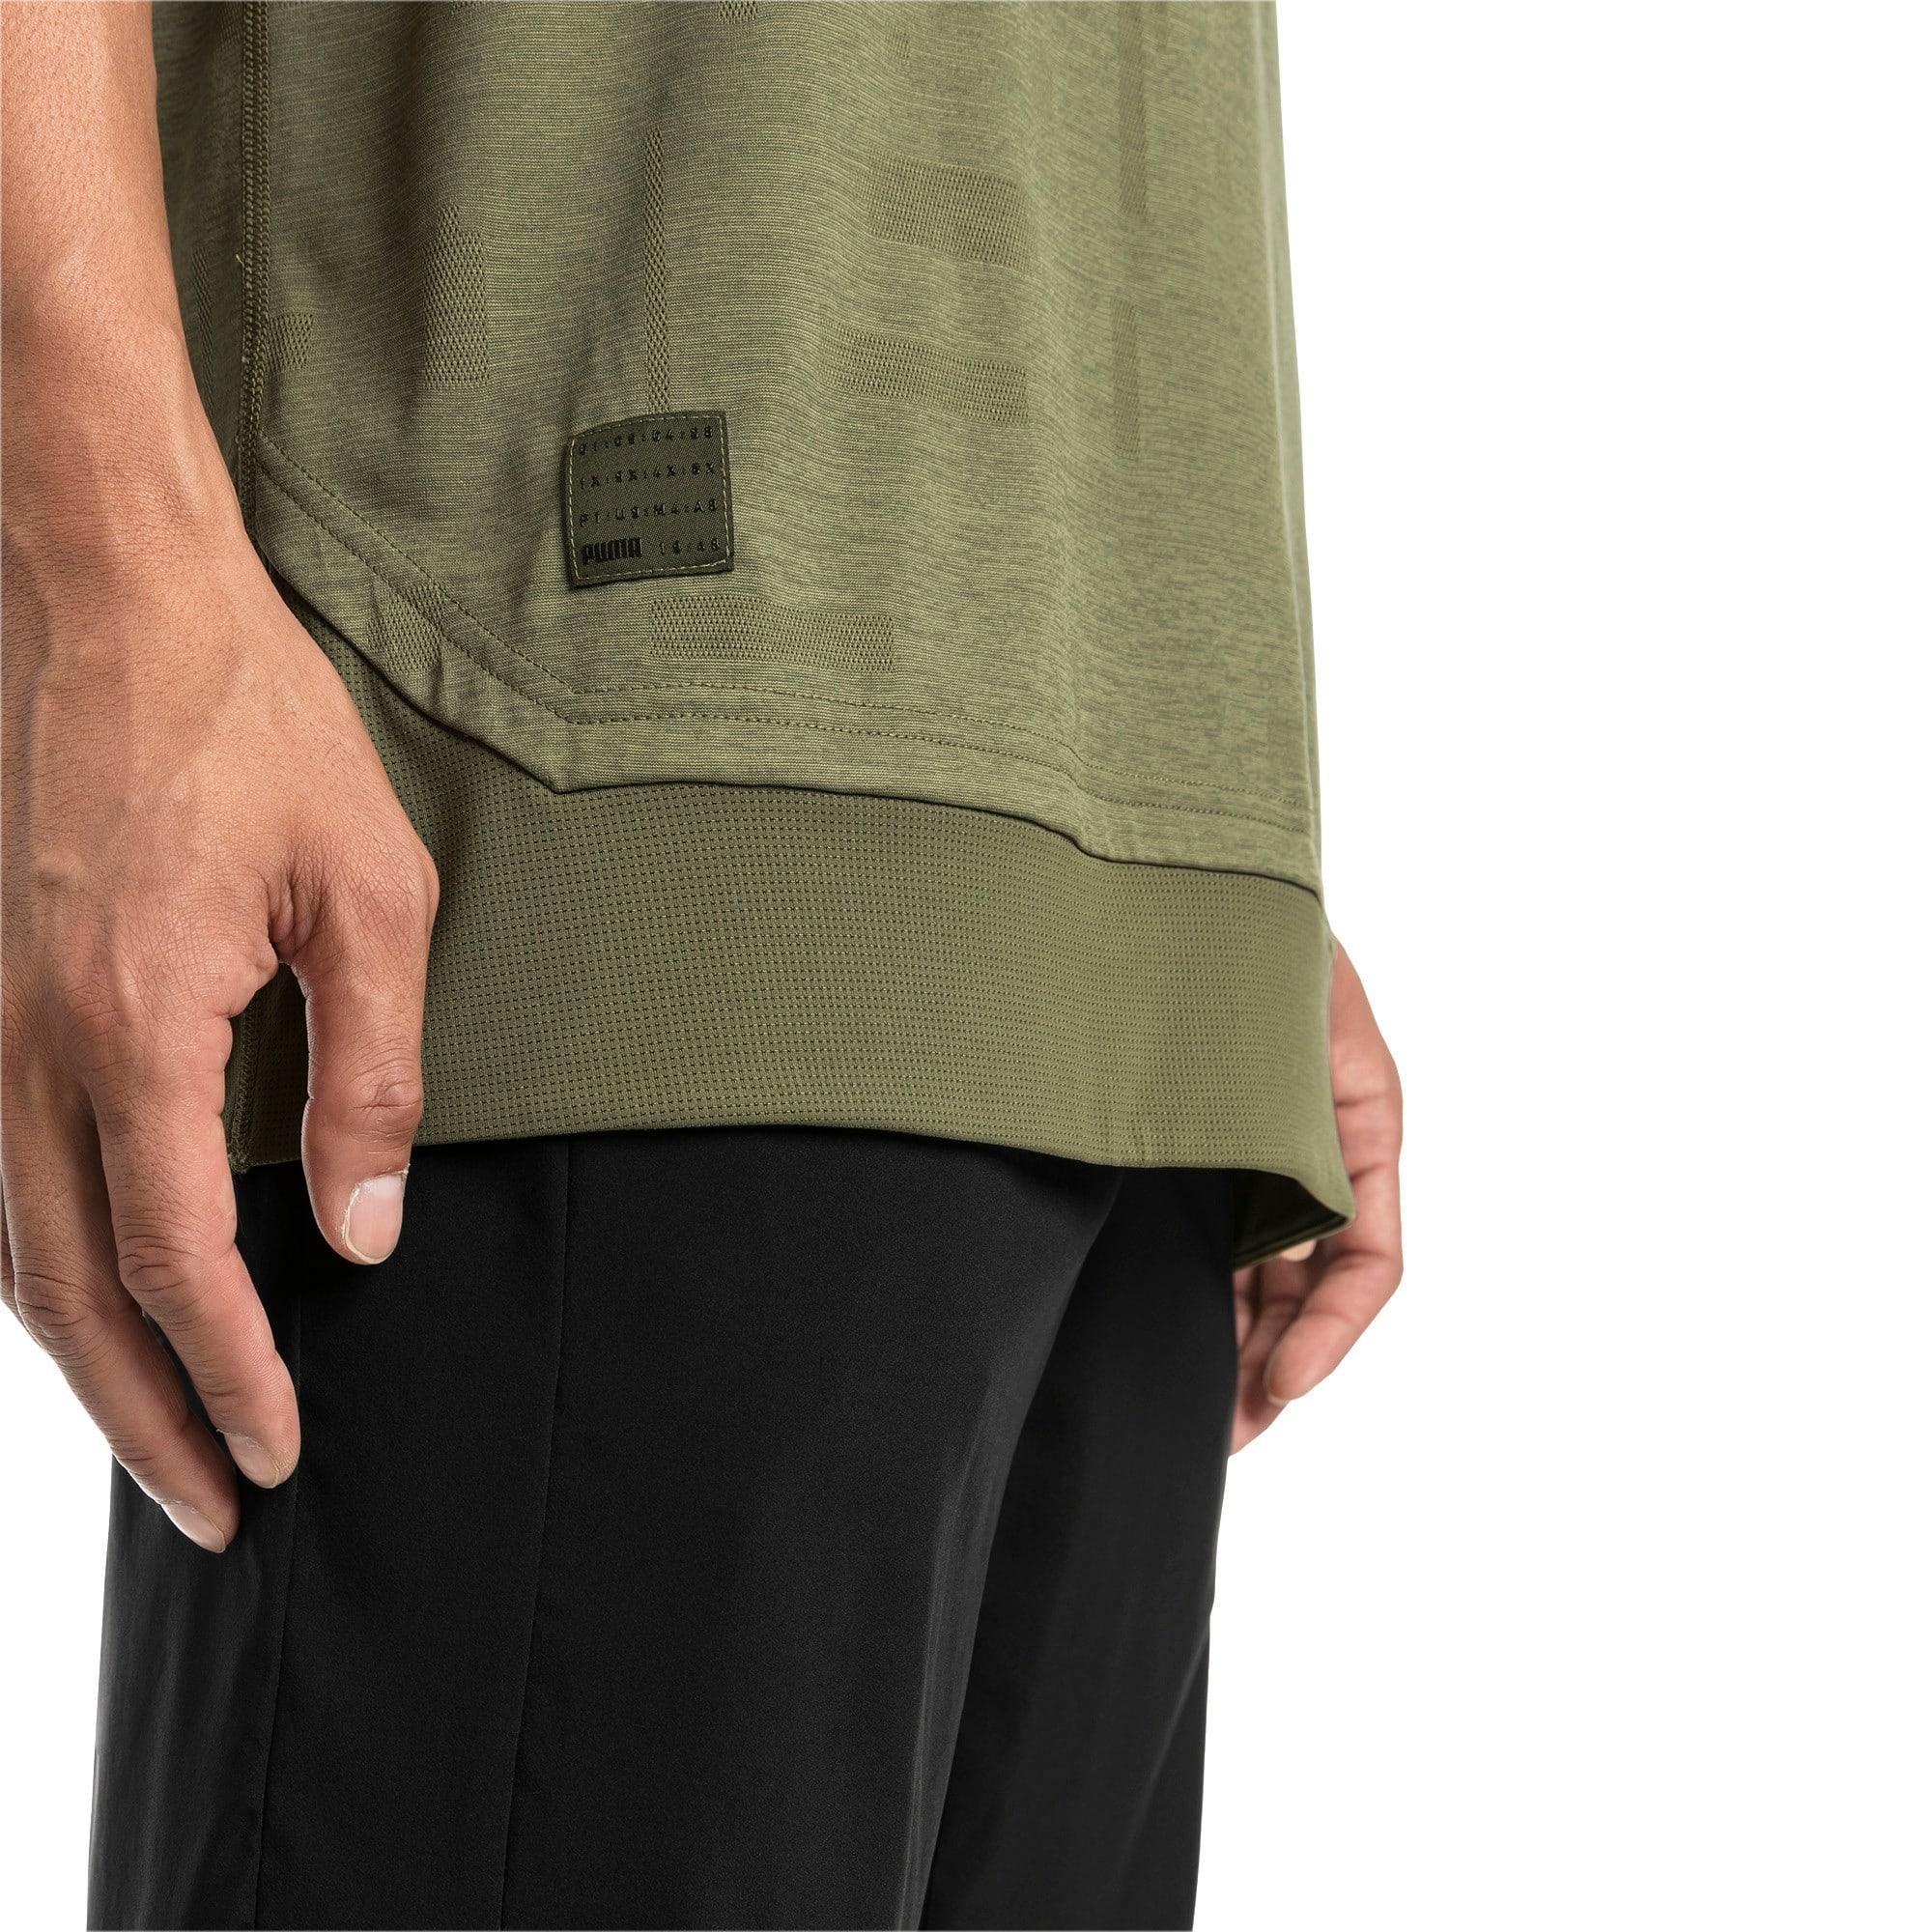 Thumbnail 4 of Energy Tech Herren Training T-Shirt, Olivine, medium